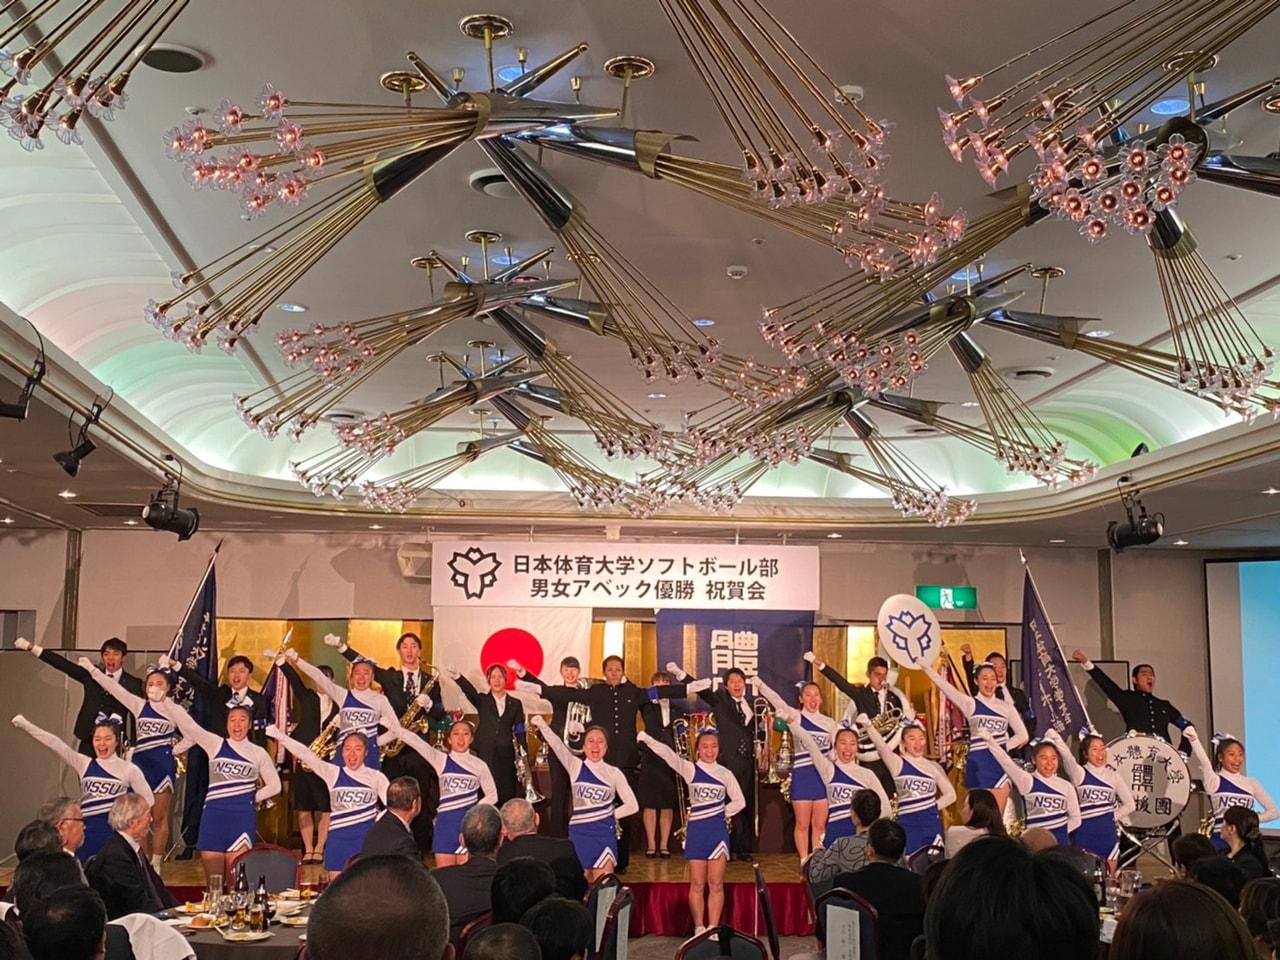 第54回全日本大学ソフトボール選手権大会優勝祝賀会